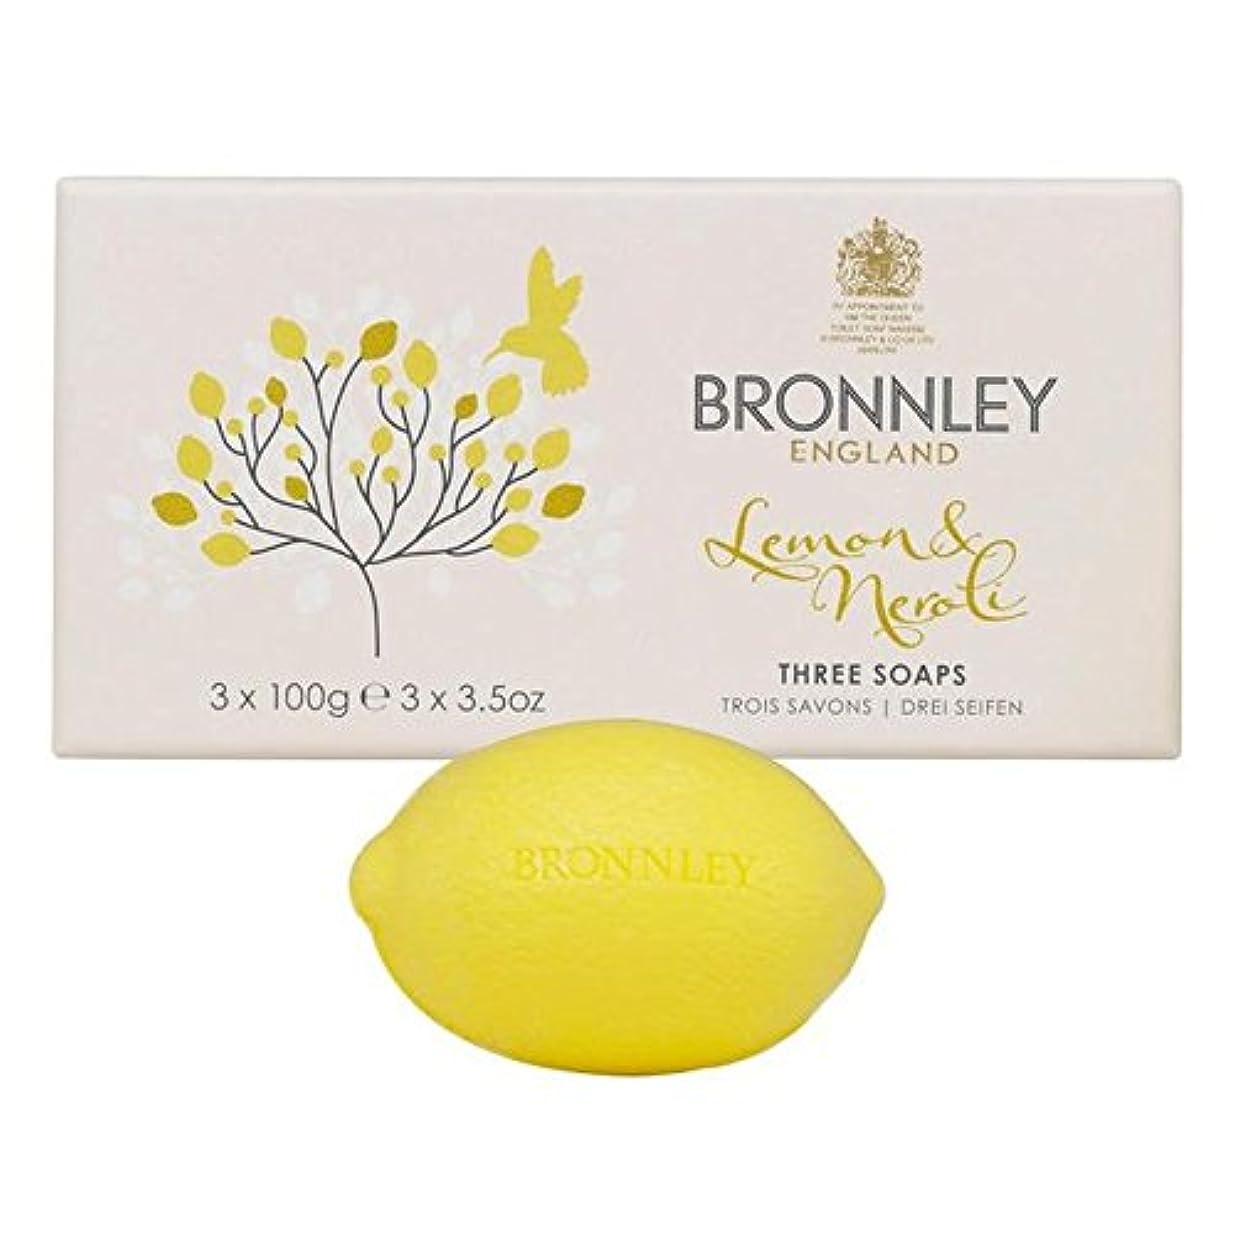 医薬品トラップ条件付きレモン&ネロリ石鹸3×100グラム x4 - Bronnley Lemon & Neroli Soaps 3 x 100g (Pack of 4) [並行輸入品]